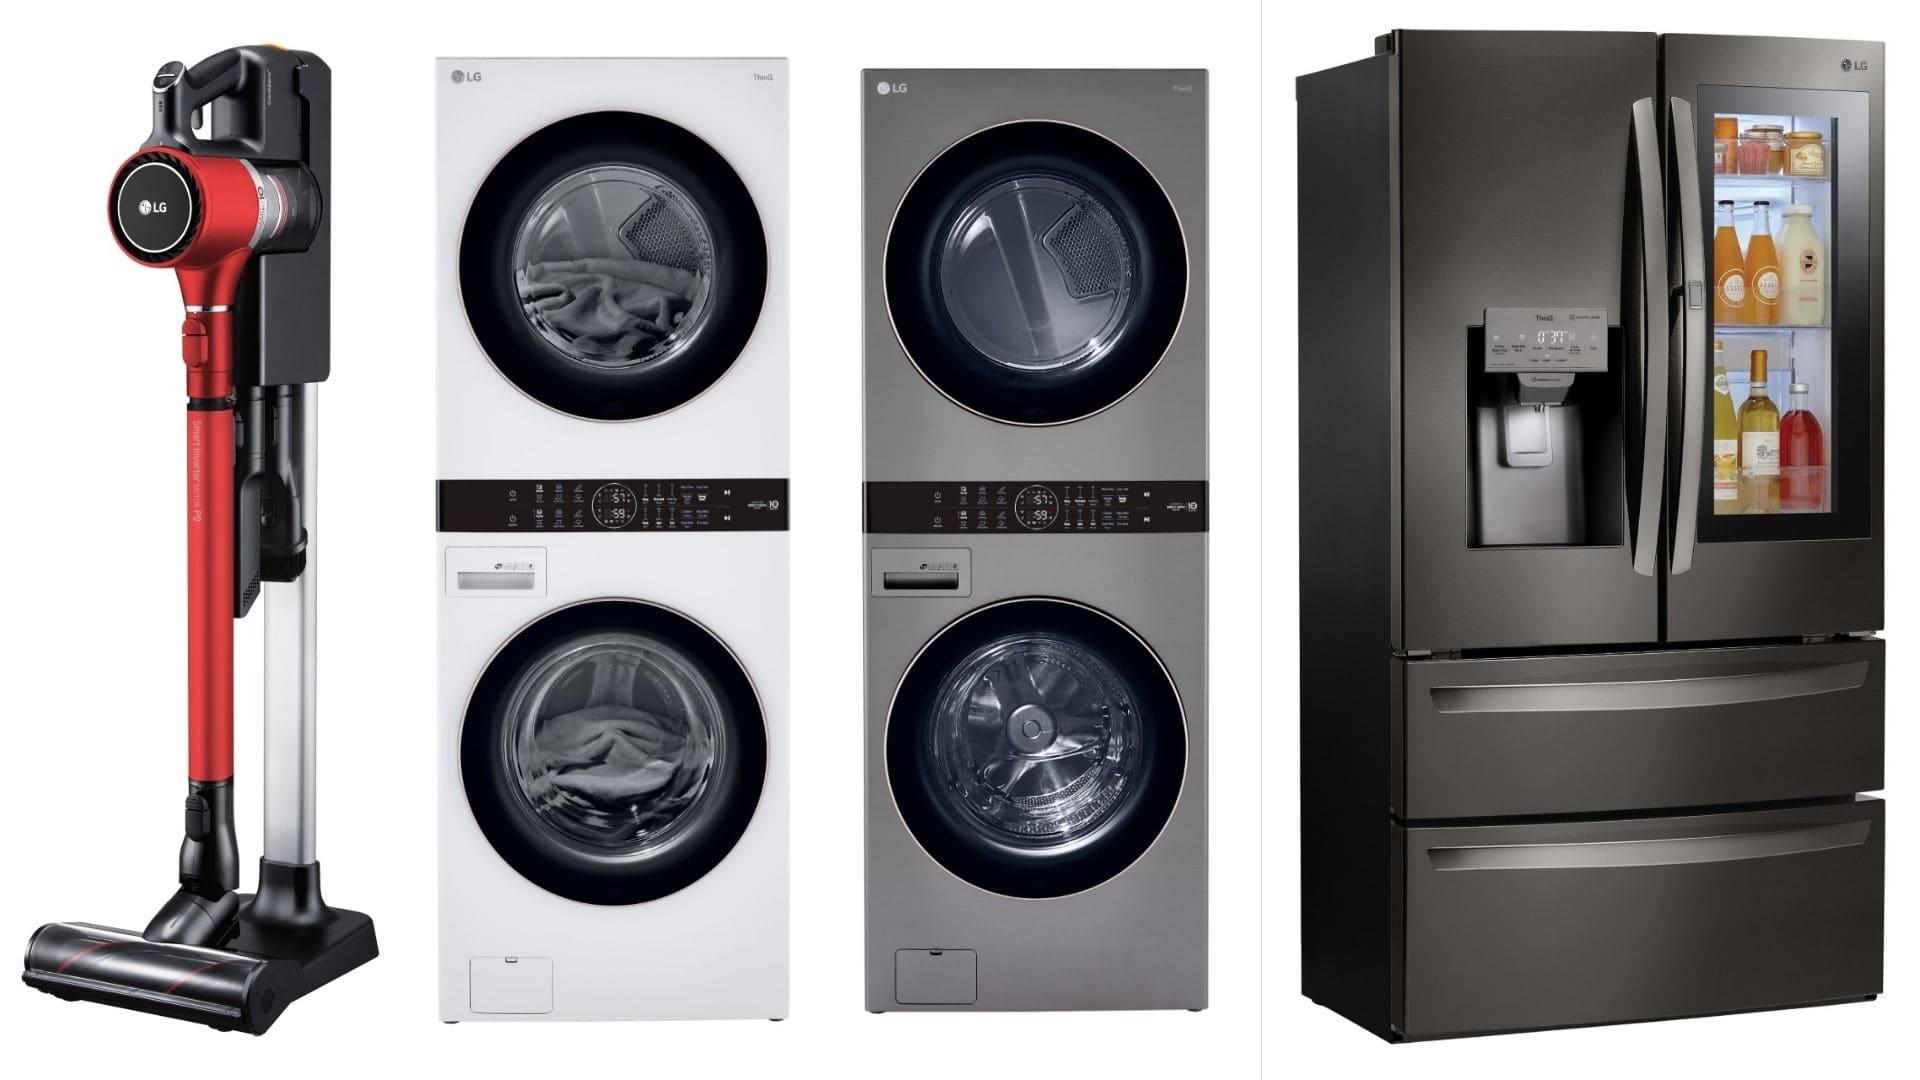 LG Electronics destaca las ventajas de un hogar inteligente con su nueva LG Washtower